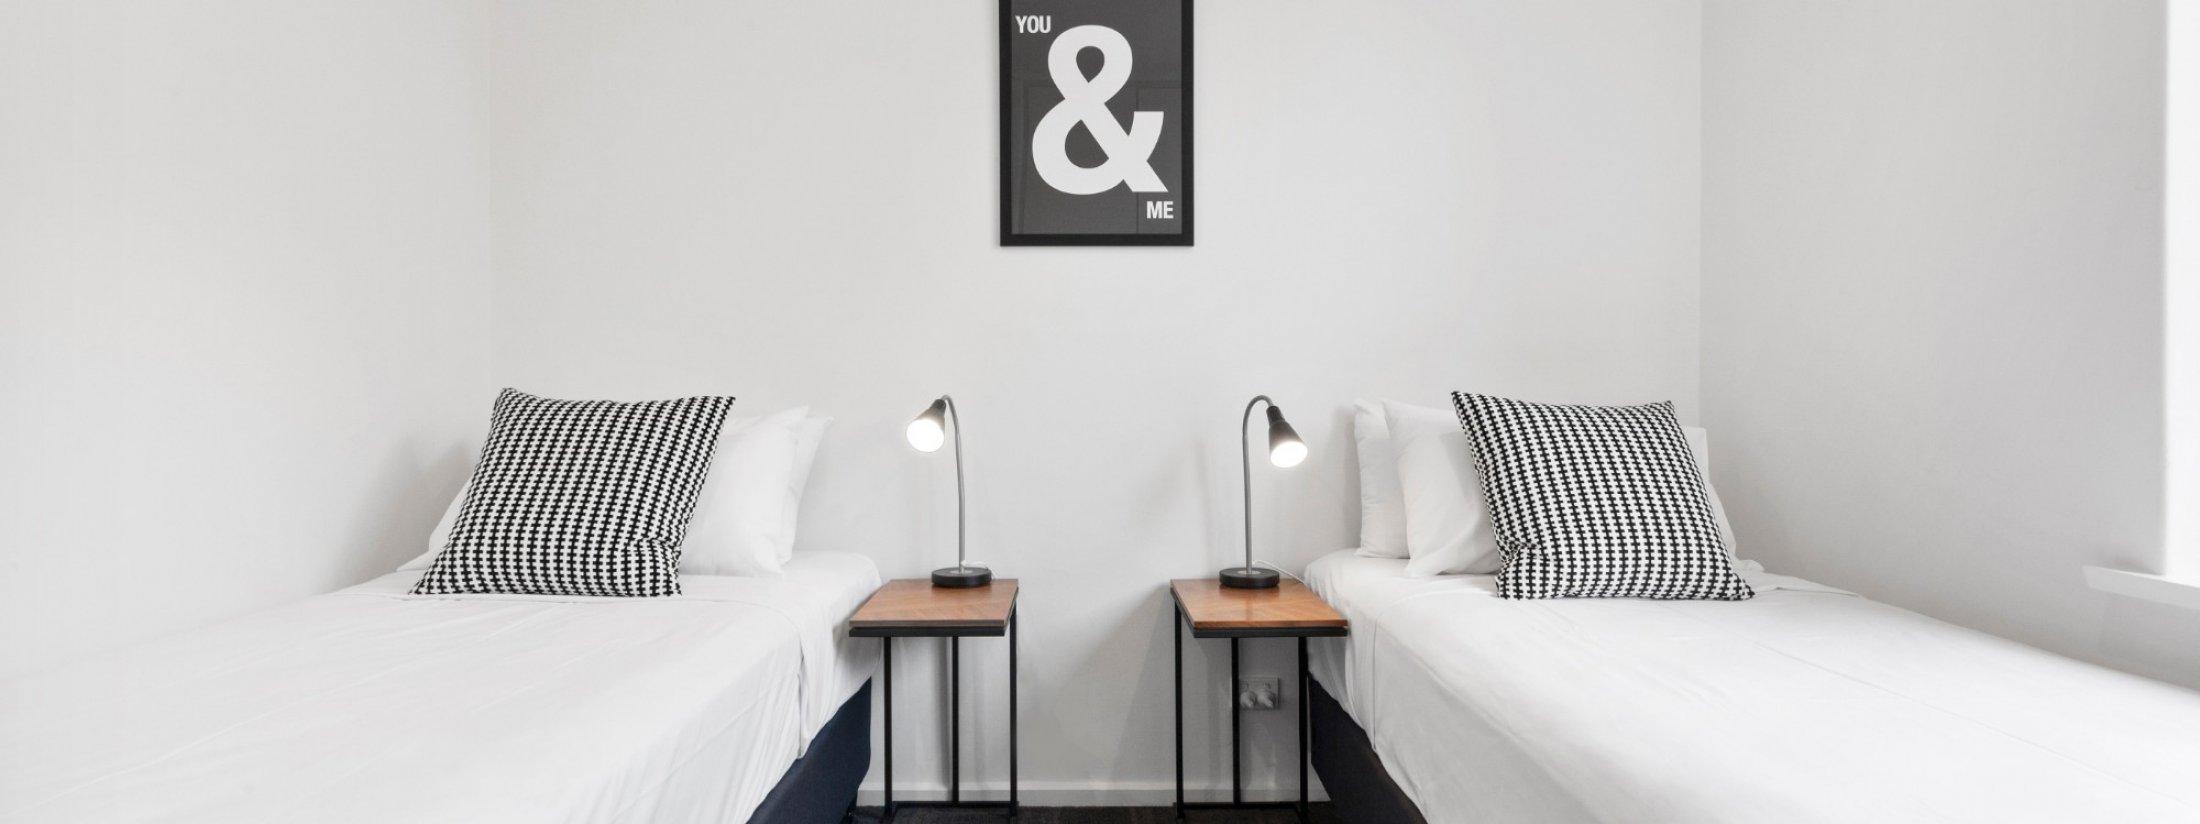 Aces Place Melbourne - Bedroom 2